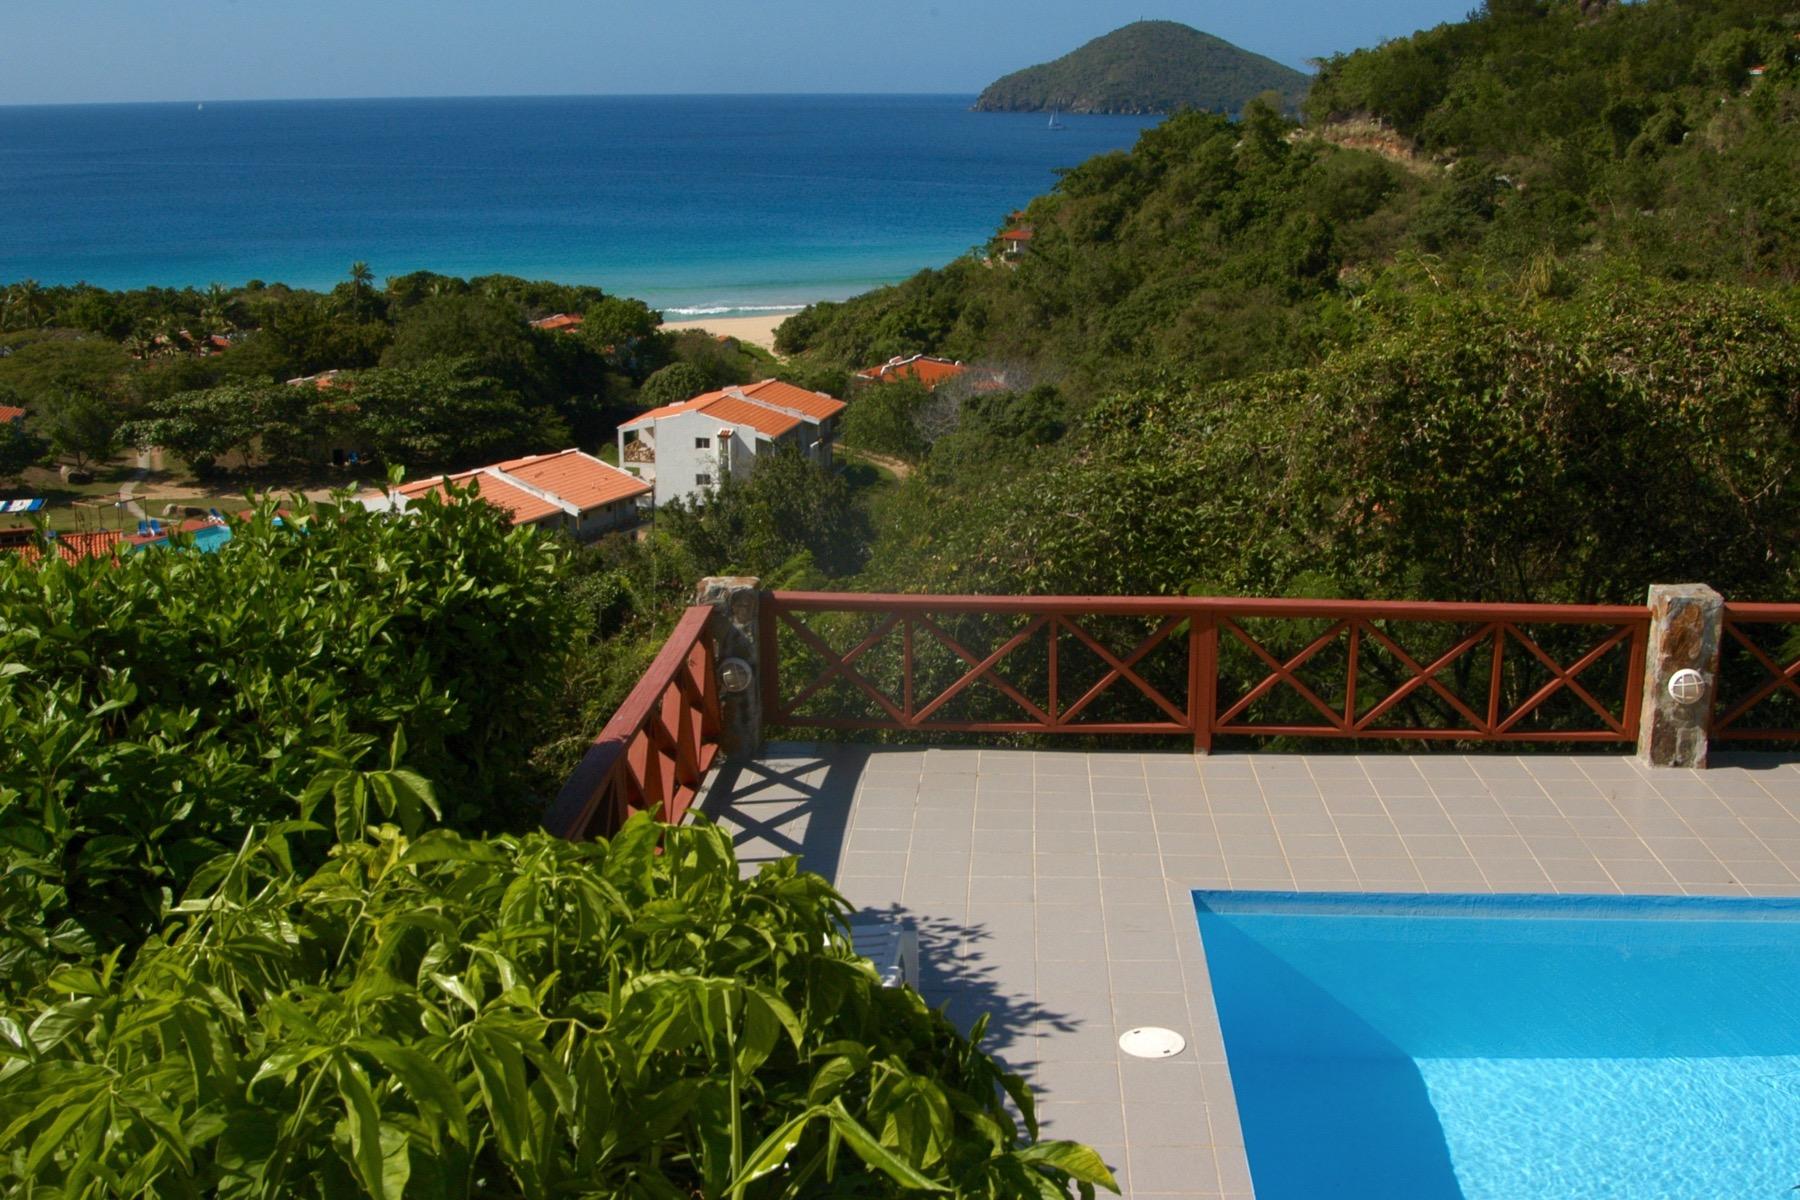 Частный односемейный дом для того Продажа на Villa Oleander Lambert Beach, Тортола Британские Виргинские Острова